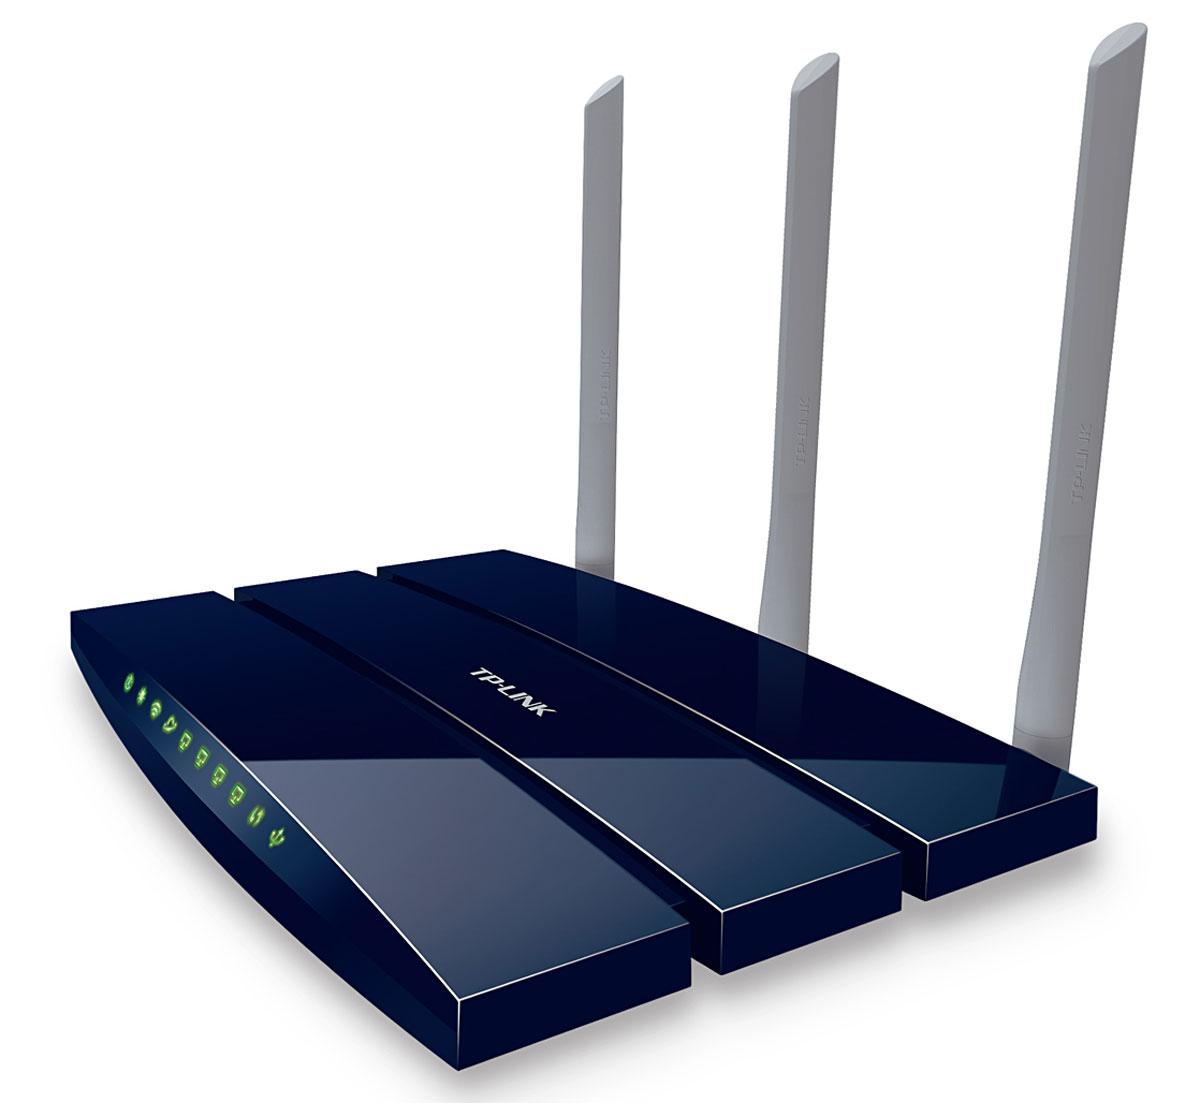 TP-Link TL-WR1045ND беспроводной маршрутизаторTL-WR1045NDБеспроводной гигабитный маршрутизатор TL-WR1045ND - это комбинированное сетевое устройство для создания проводного и беспроводного подключения, совмещающее в себе интернет-маршрутизатор и 4-портовый коммутатор. Устройство позволяет создавать беспроводную сеть со скоростью подключения до 450 Мбит/с, что позволит вам одновременно просматривать потоковое видео в формате HD, пользоваться IP-телефонией, обмениваться крупными файлами и играть в онлайн-игры. Устройство оснащено портом USB для подключения к сети устройств хранения данных, обеспечивающих удобство обмена данными внутри сети.Благодаря встроенному гигабитному коммутатору Ethernet модель TL-WR1045ND предоставляет больше возможностей обработки данных, что позволит в полной мере раскрыть потенциал сверхбыстрого стандарта N. Забудьте про снижение скорости при передаче данных между мегабитным проводным и 11n беспроводным соединениями. Любой трафик будет обрабатываться быстрее и эффективнее, таким образом, пользователи смогут насладиться потоковым видео высокой чёткости без задержек соединения, а также передавать большие файлы в считанные минуты.Внешние съёмные антенны с возможностью регулировки и замены на более мощныеОбратная совместимость с устройствами, поддерживающими стандарты 802.11b/gФункция приоритезации данных (QoS) гарантирует качество IP-телефонии и трансляции мультимедиаЛокальное управлениеУдалённое управлениеЗащита от DoS-атаки, межсетевой экран SPI, фильтрация IP-адресу/MAC-адресу, доменному имени, привязка по IP- и MAC-адресу